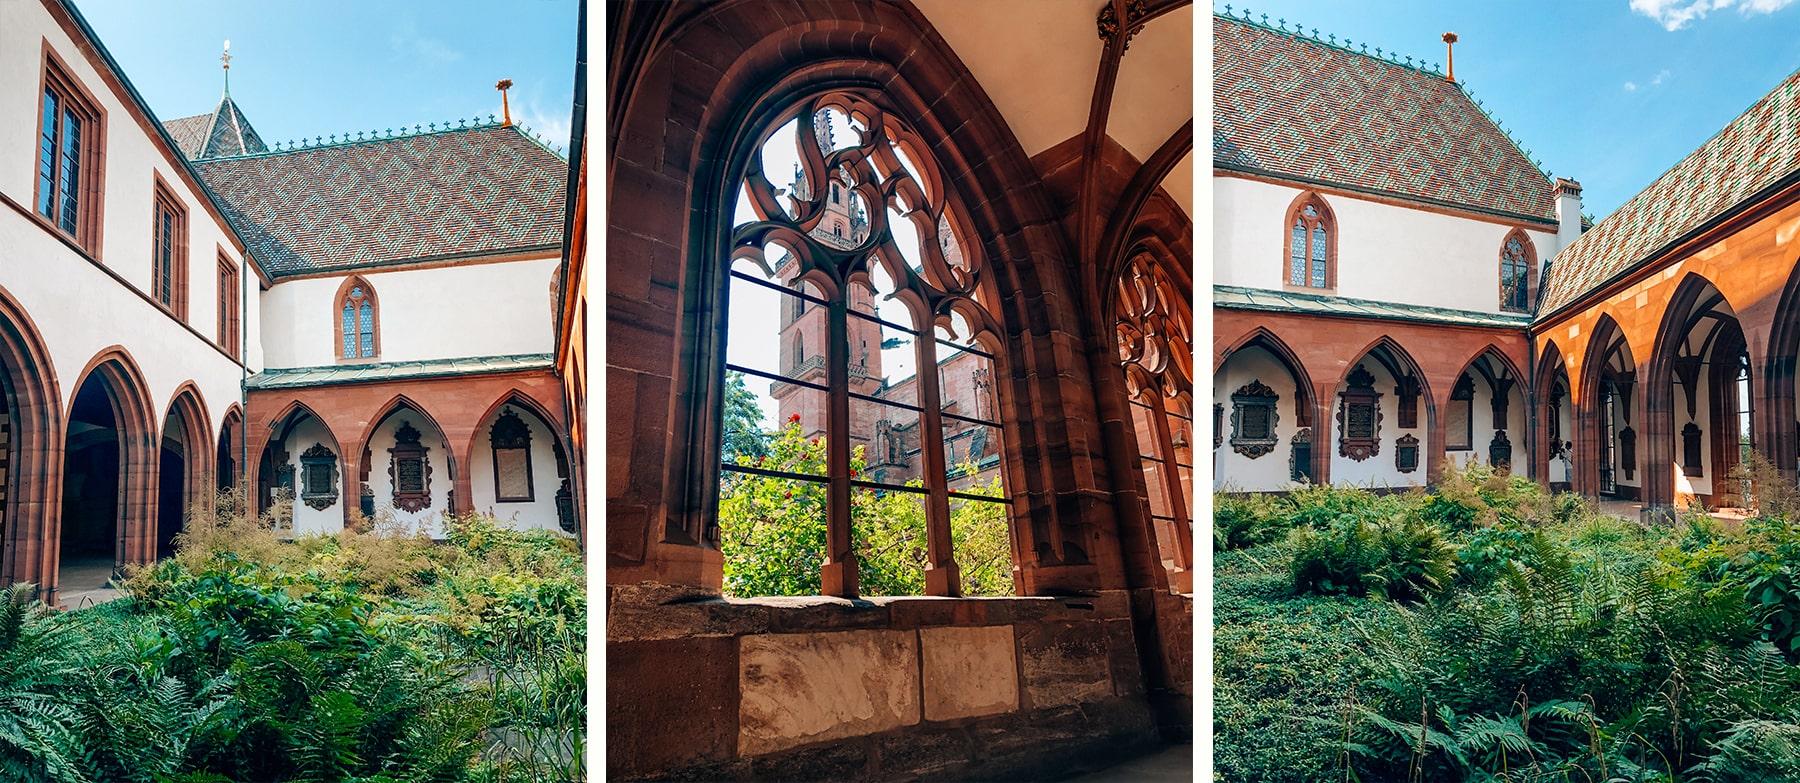 cathedrale de bale